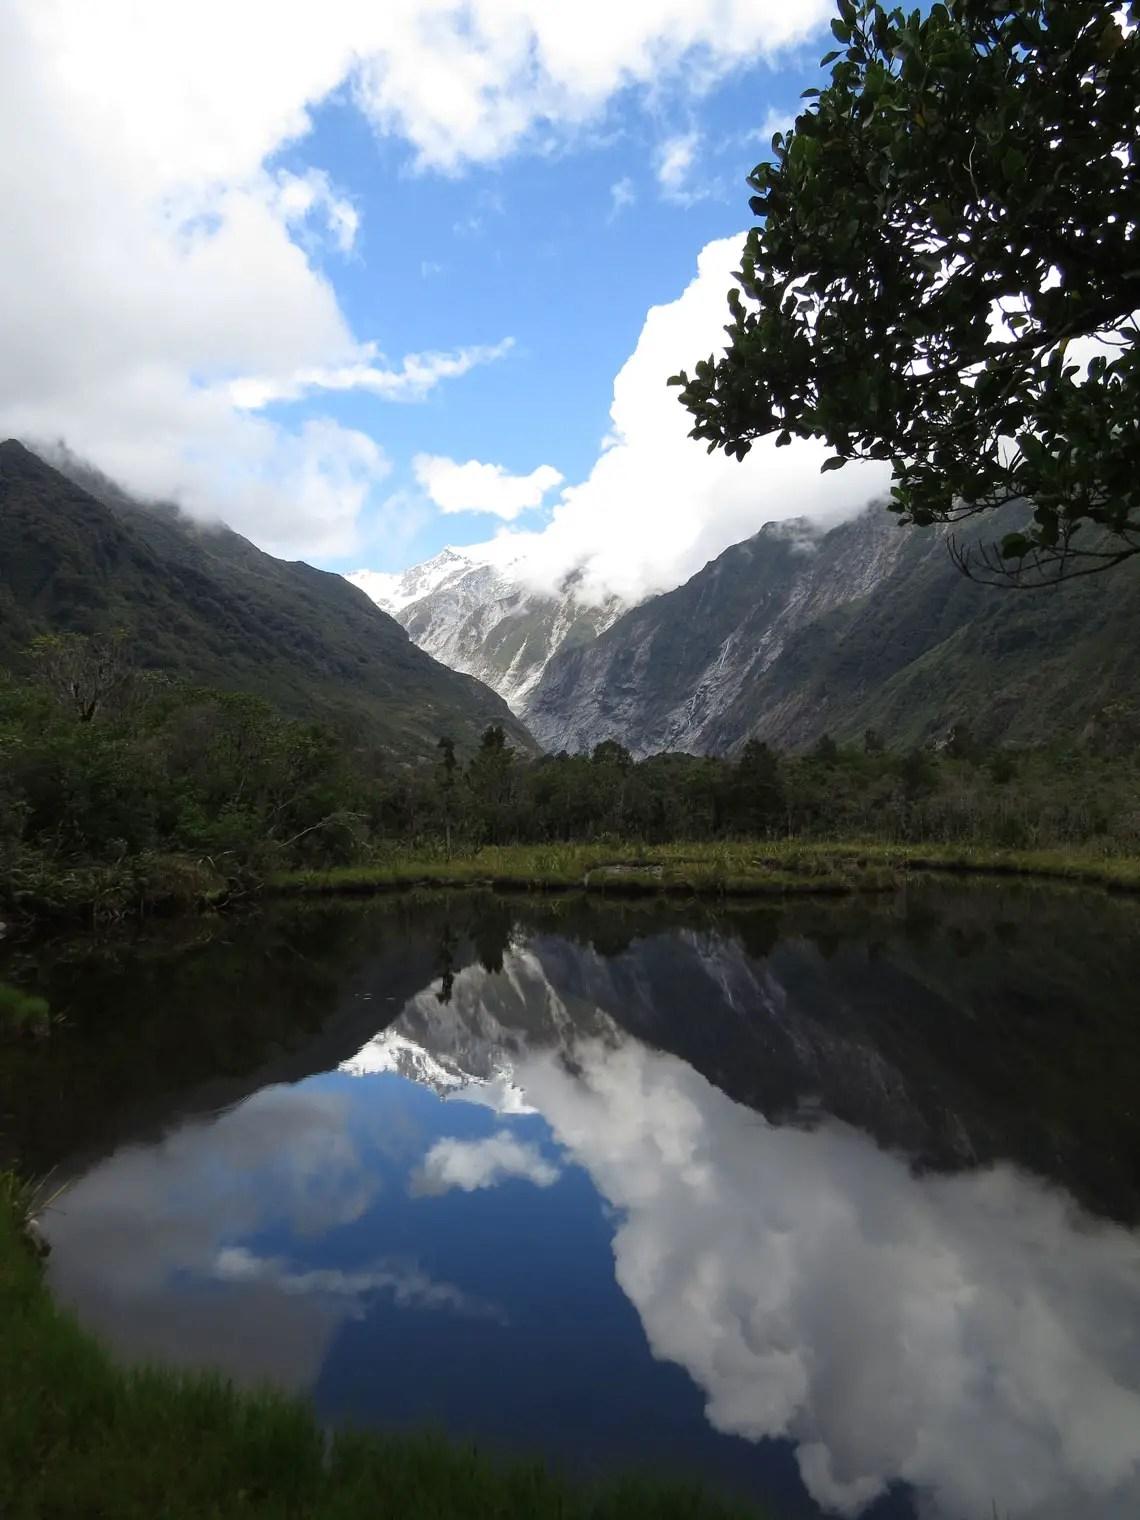 Mirrorlakes am Franz Josef Gletscher